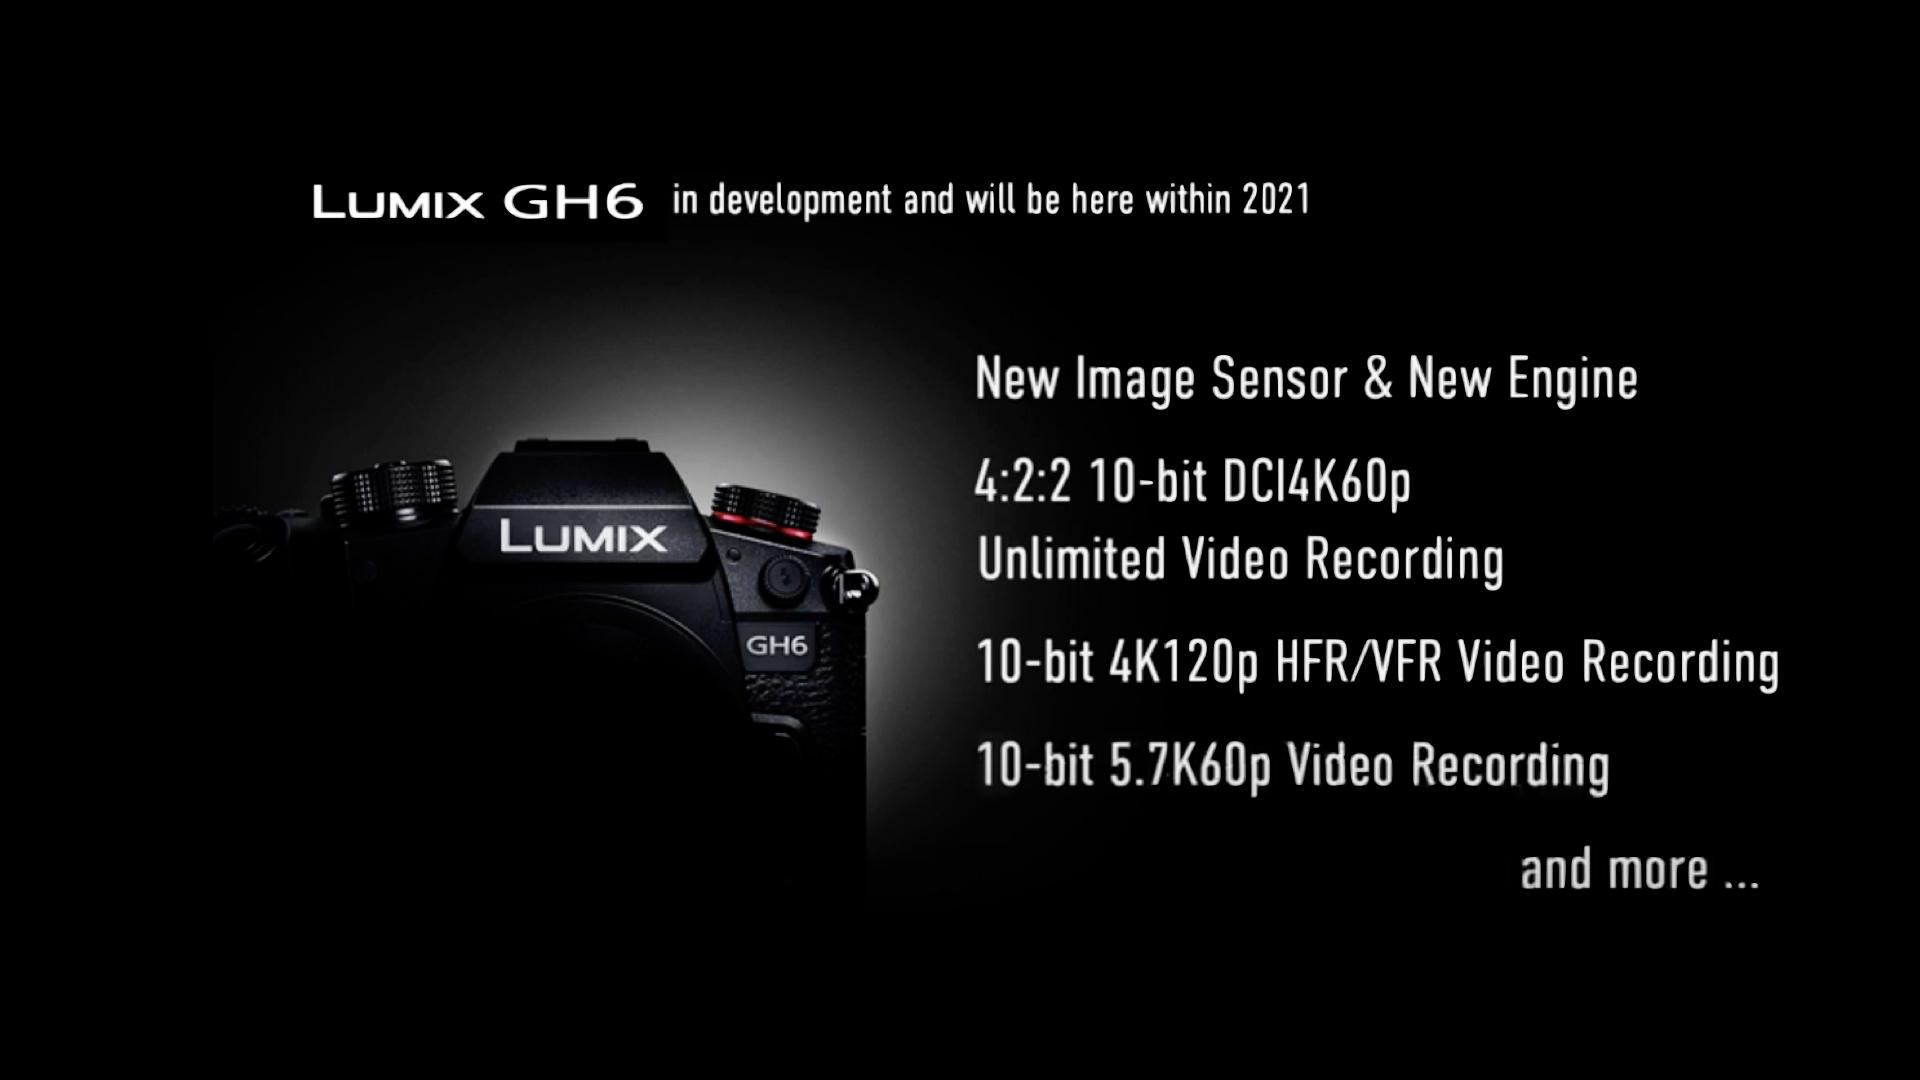 Le Lumix GH6 ... La prochaine caméra Lumix Panasonic à venir en 2021